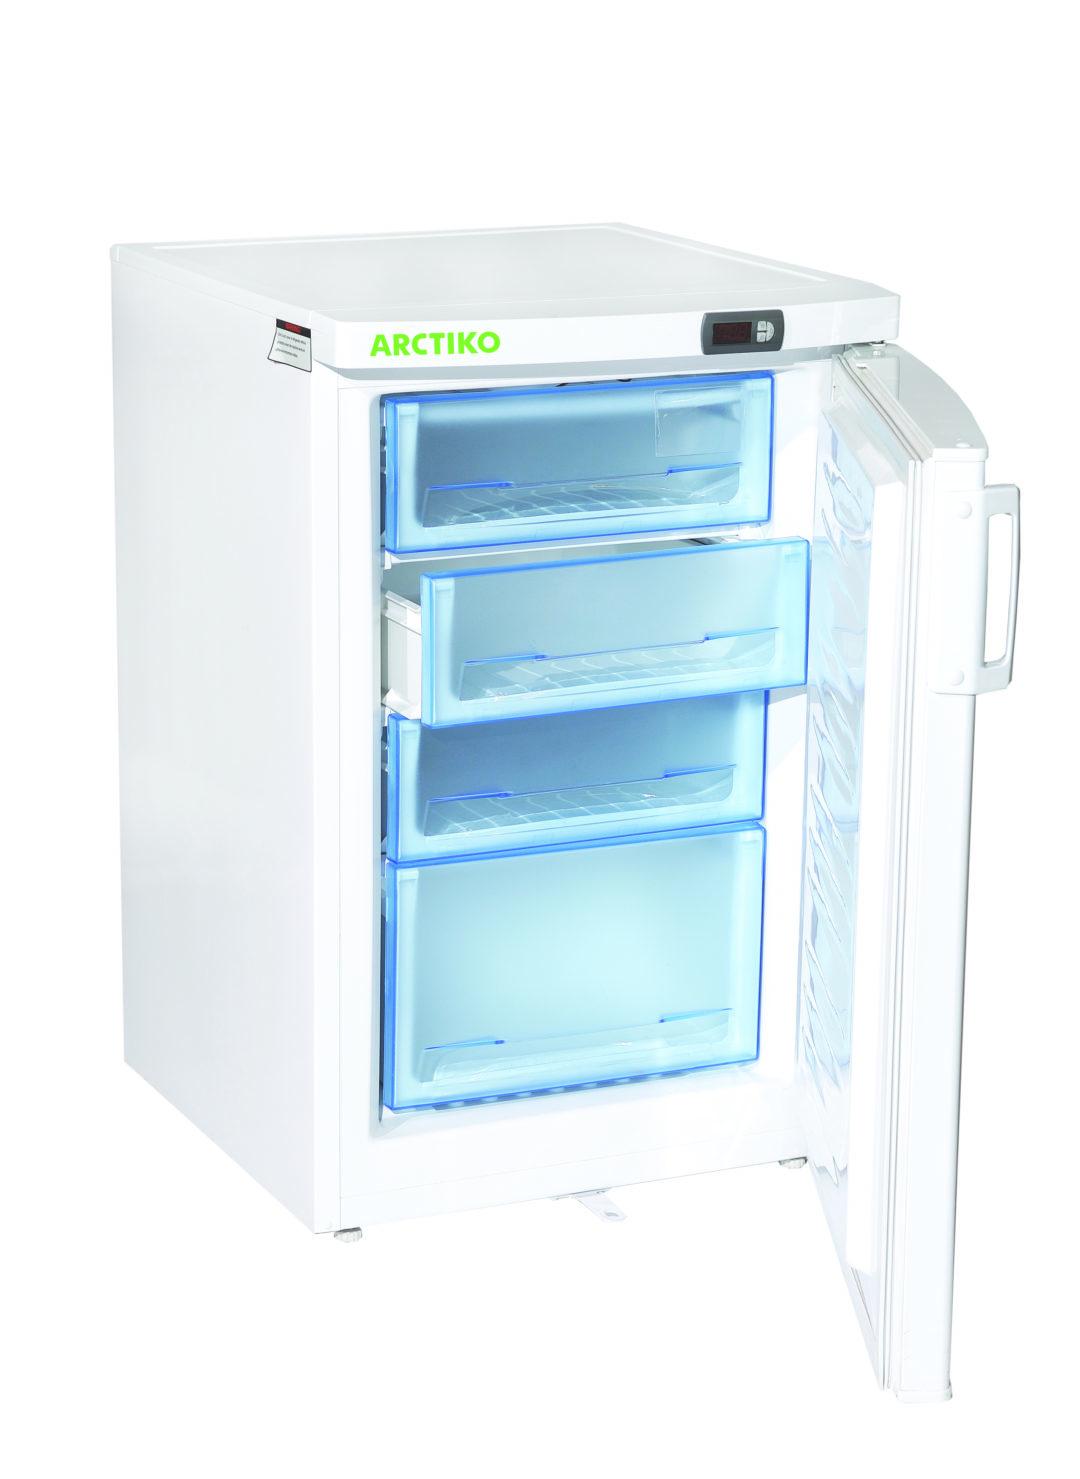 KAMPANJ på litet och smidigt lågtemperaturfrys-skåp